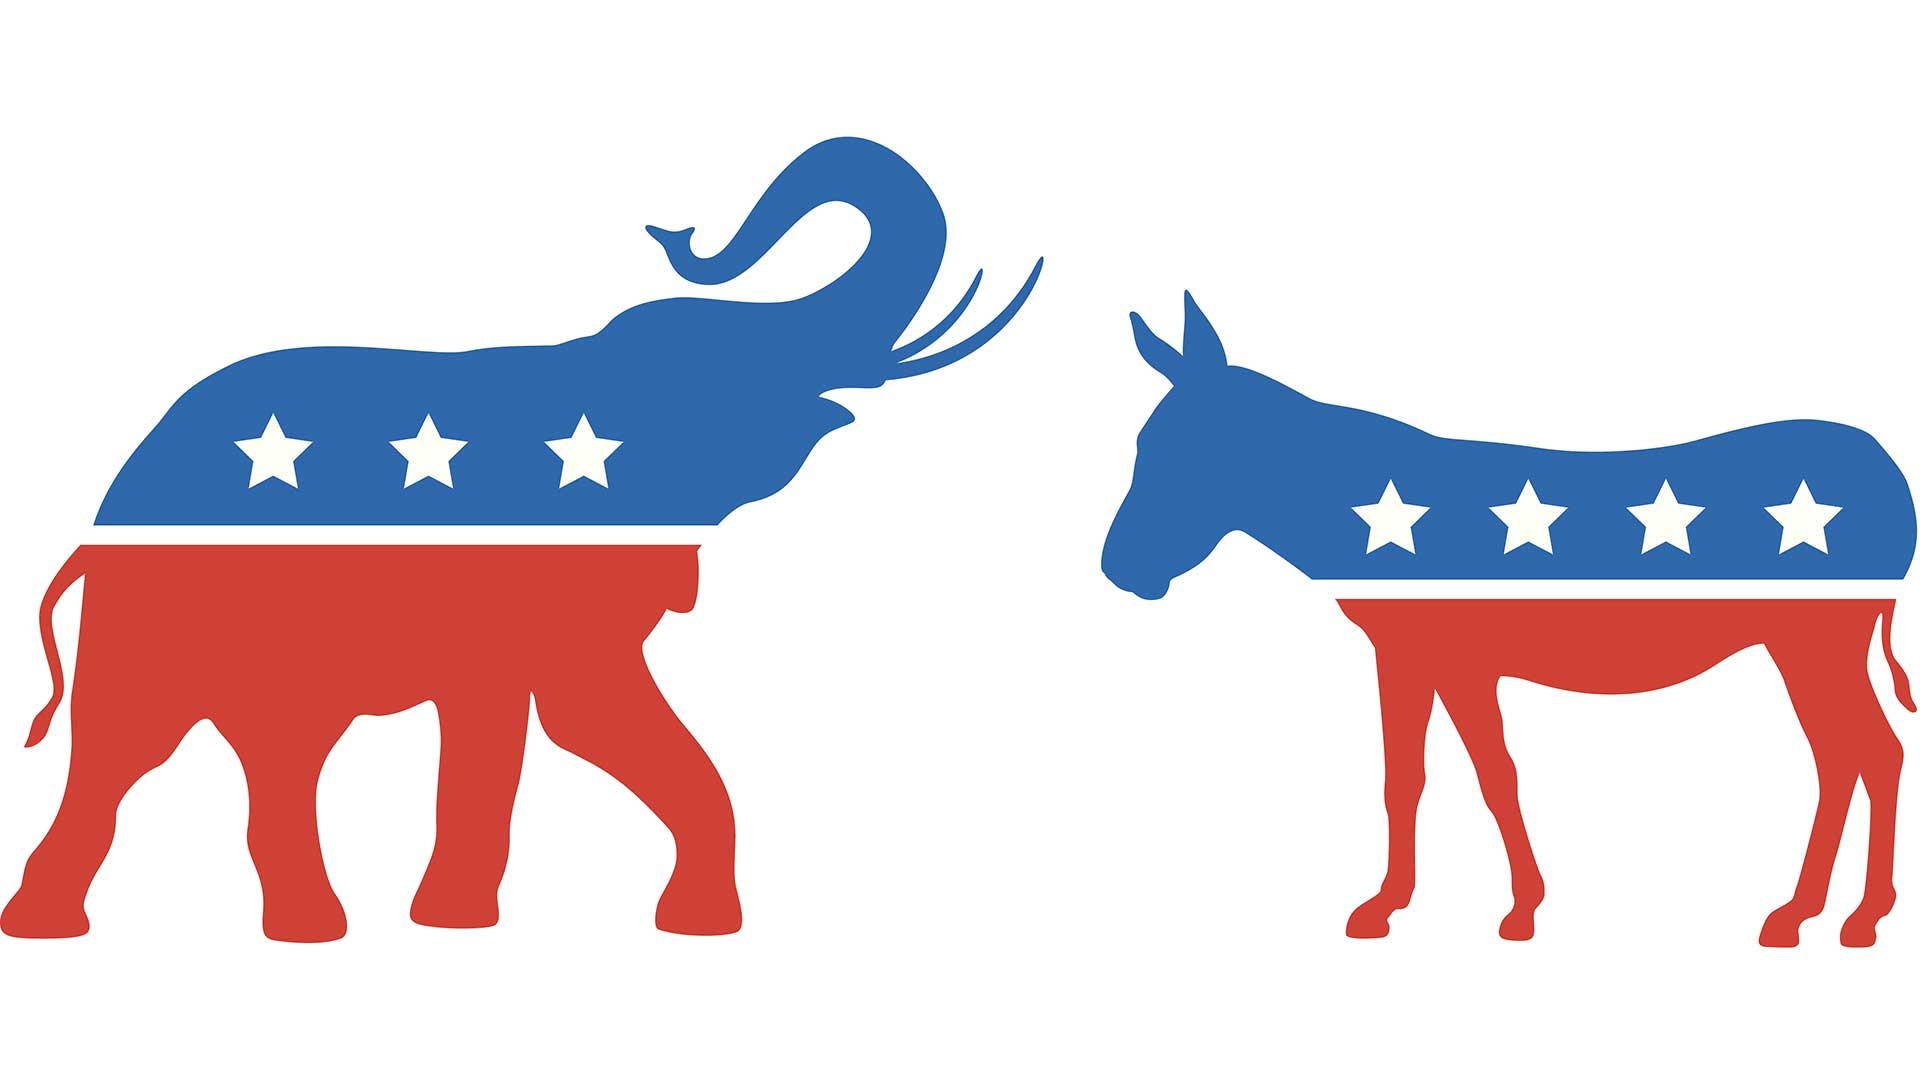 Republicans-vs-Democrats.jpg